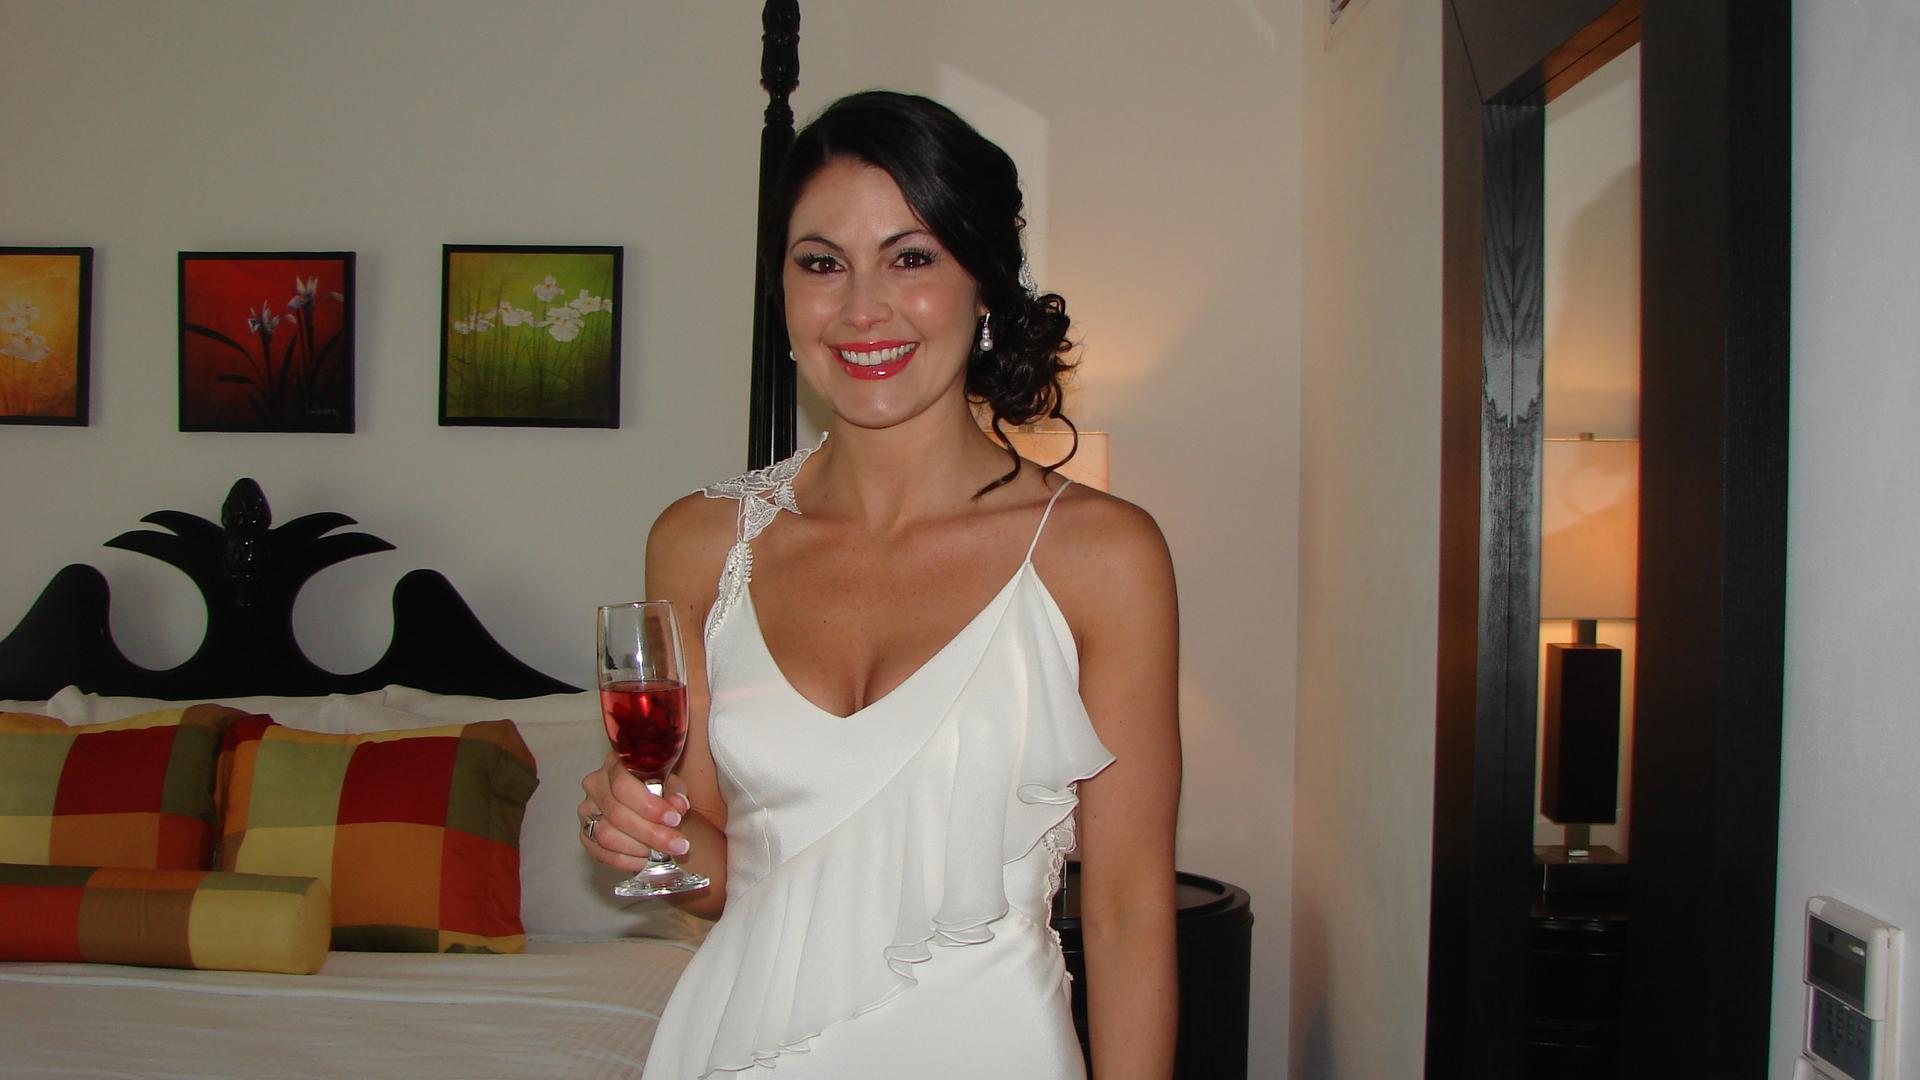 Lauren Wedding at Las Terraza's feb 19 2014 012.JPG